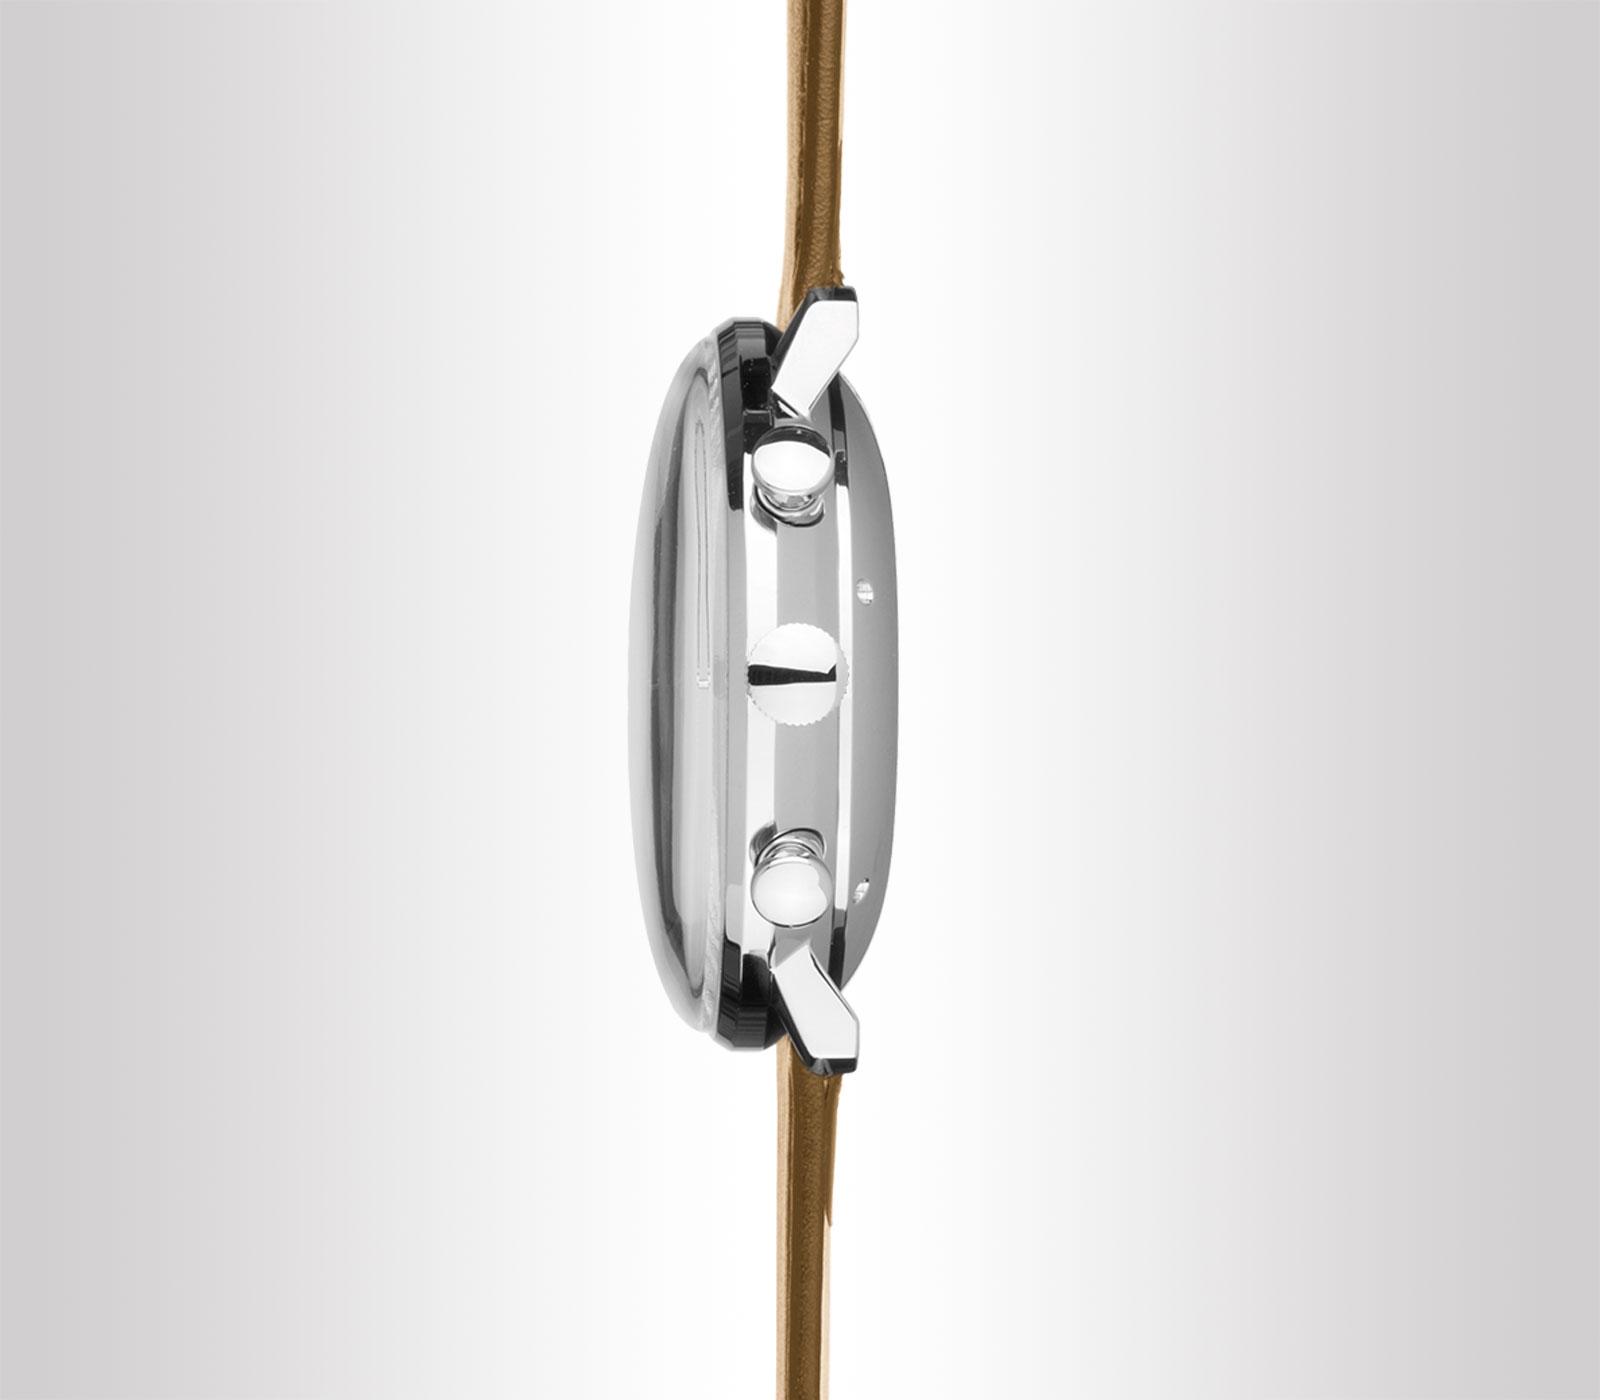 Vetro curvo che enfatizza il fascino storico dell'orologio